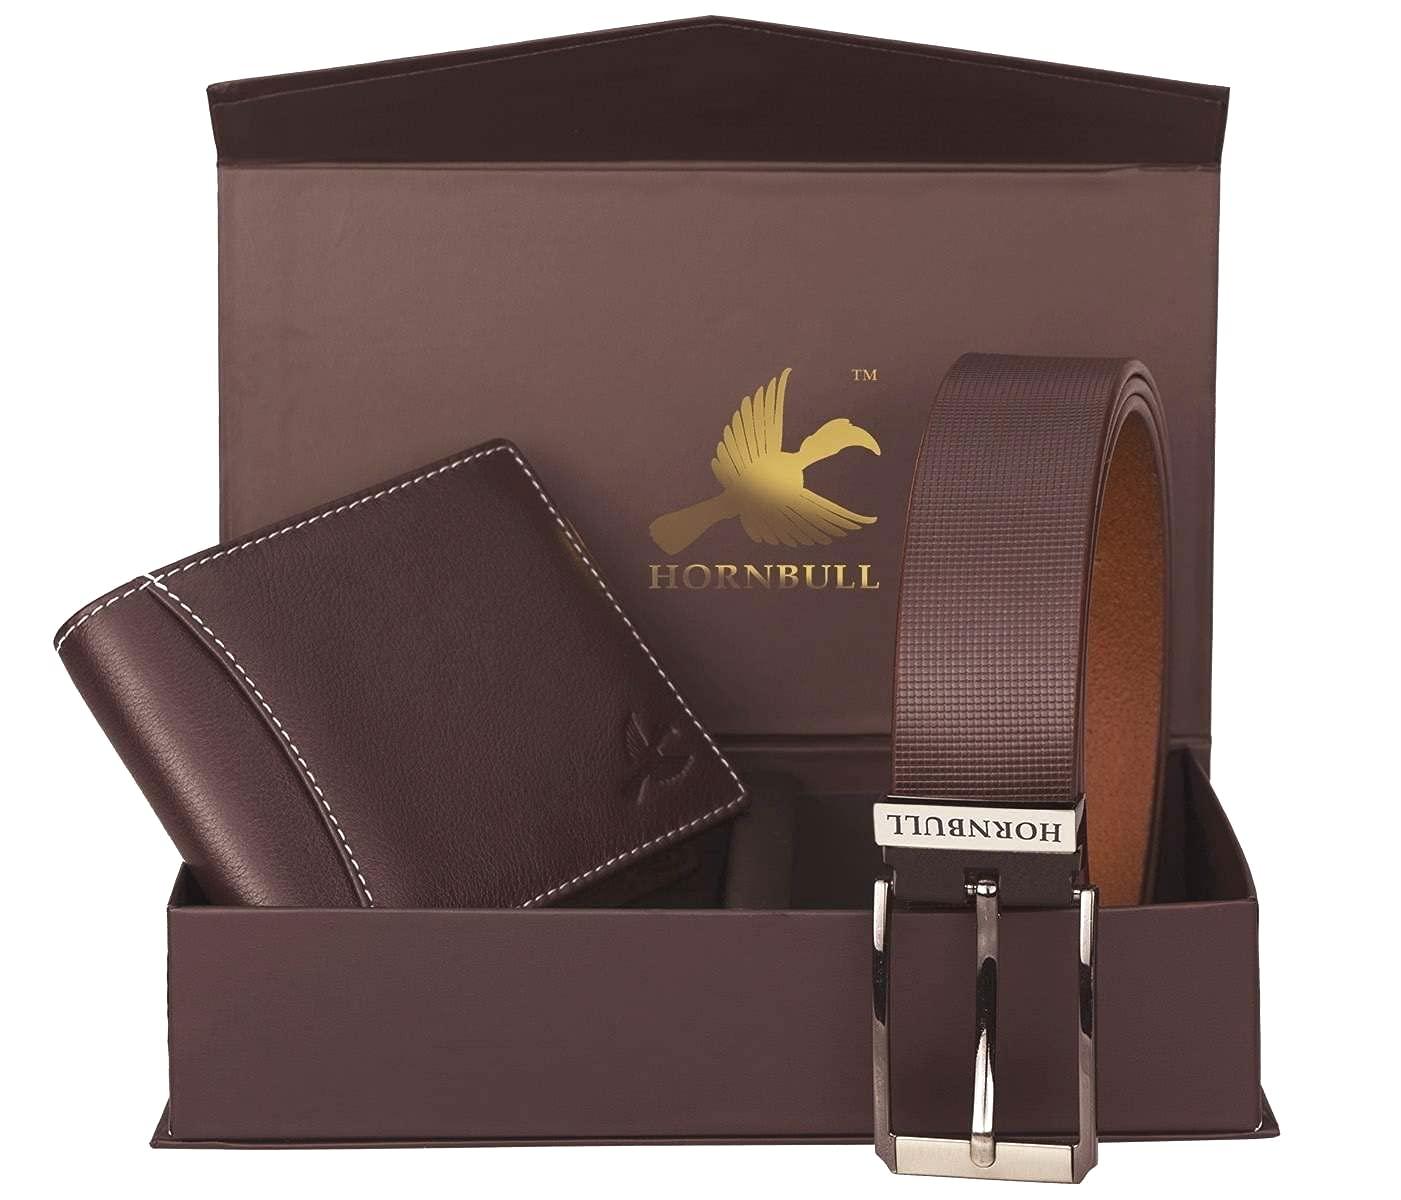 Hornbull Gift Hamper for Men - Brown Wallet and Brown Belt Men's Combo Gift Set 4595